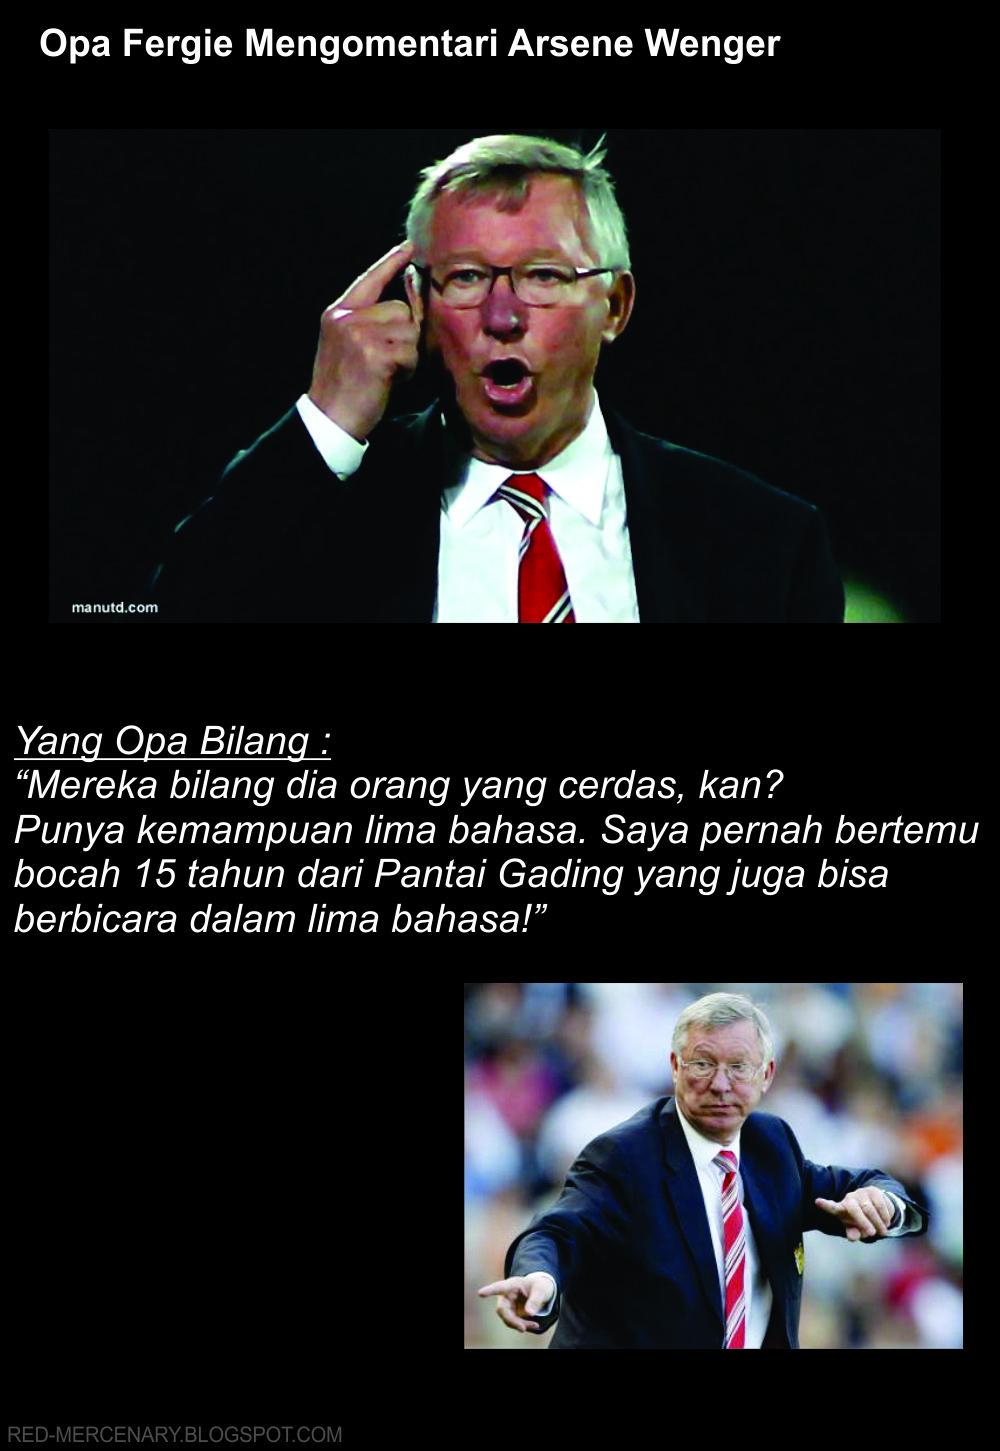 Komentar Opa: Arsene Wenger